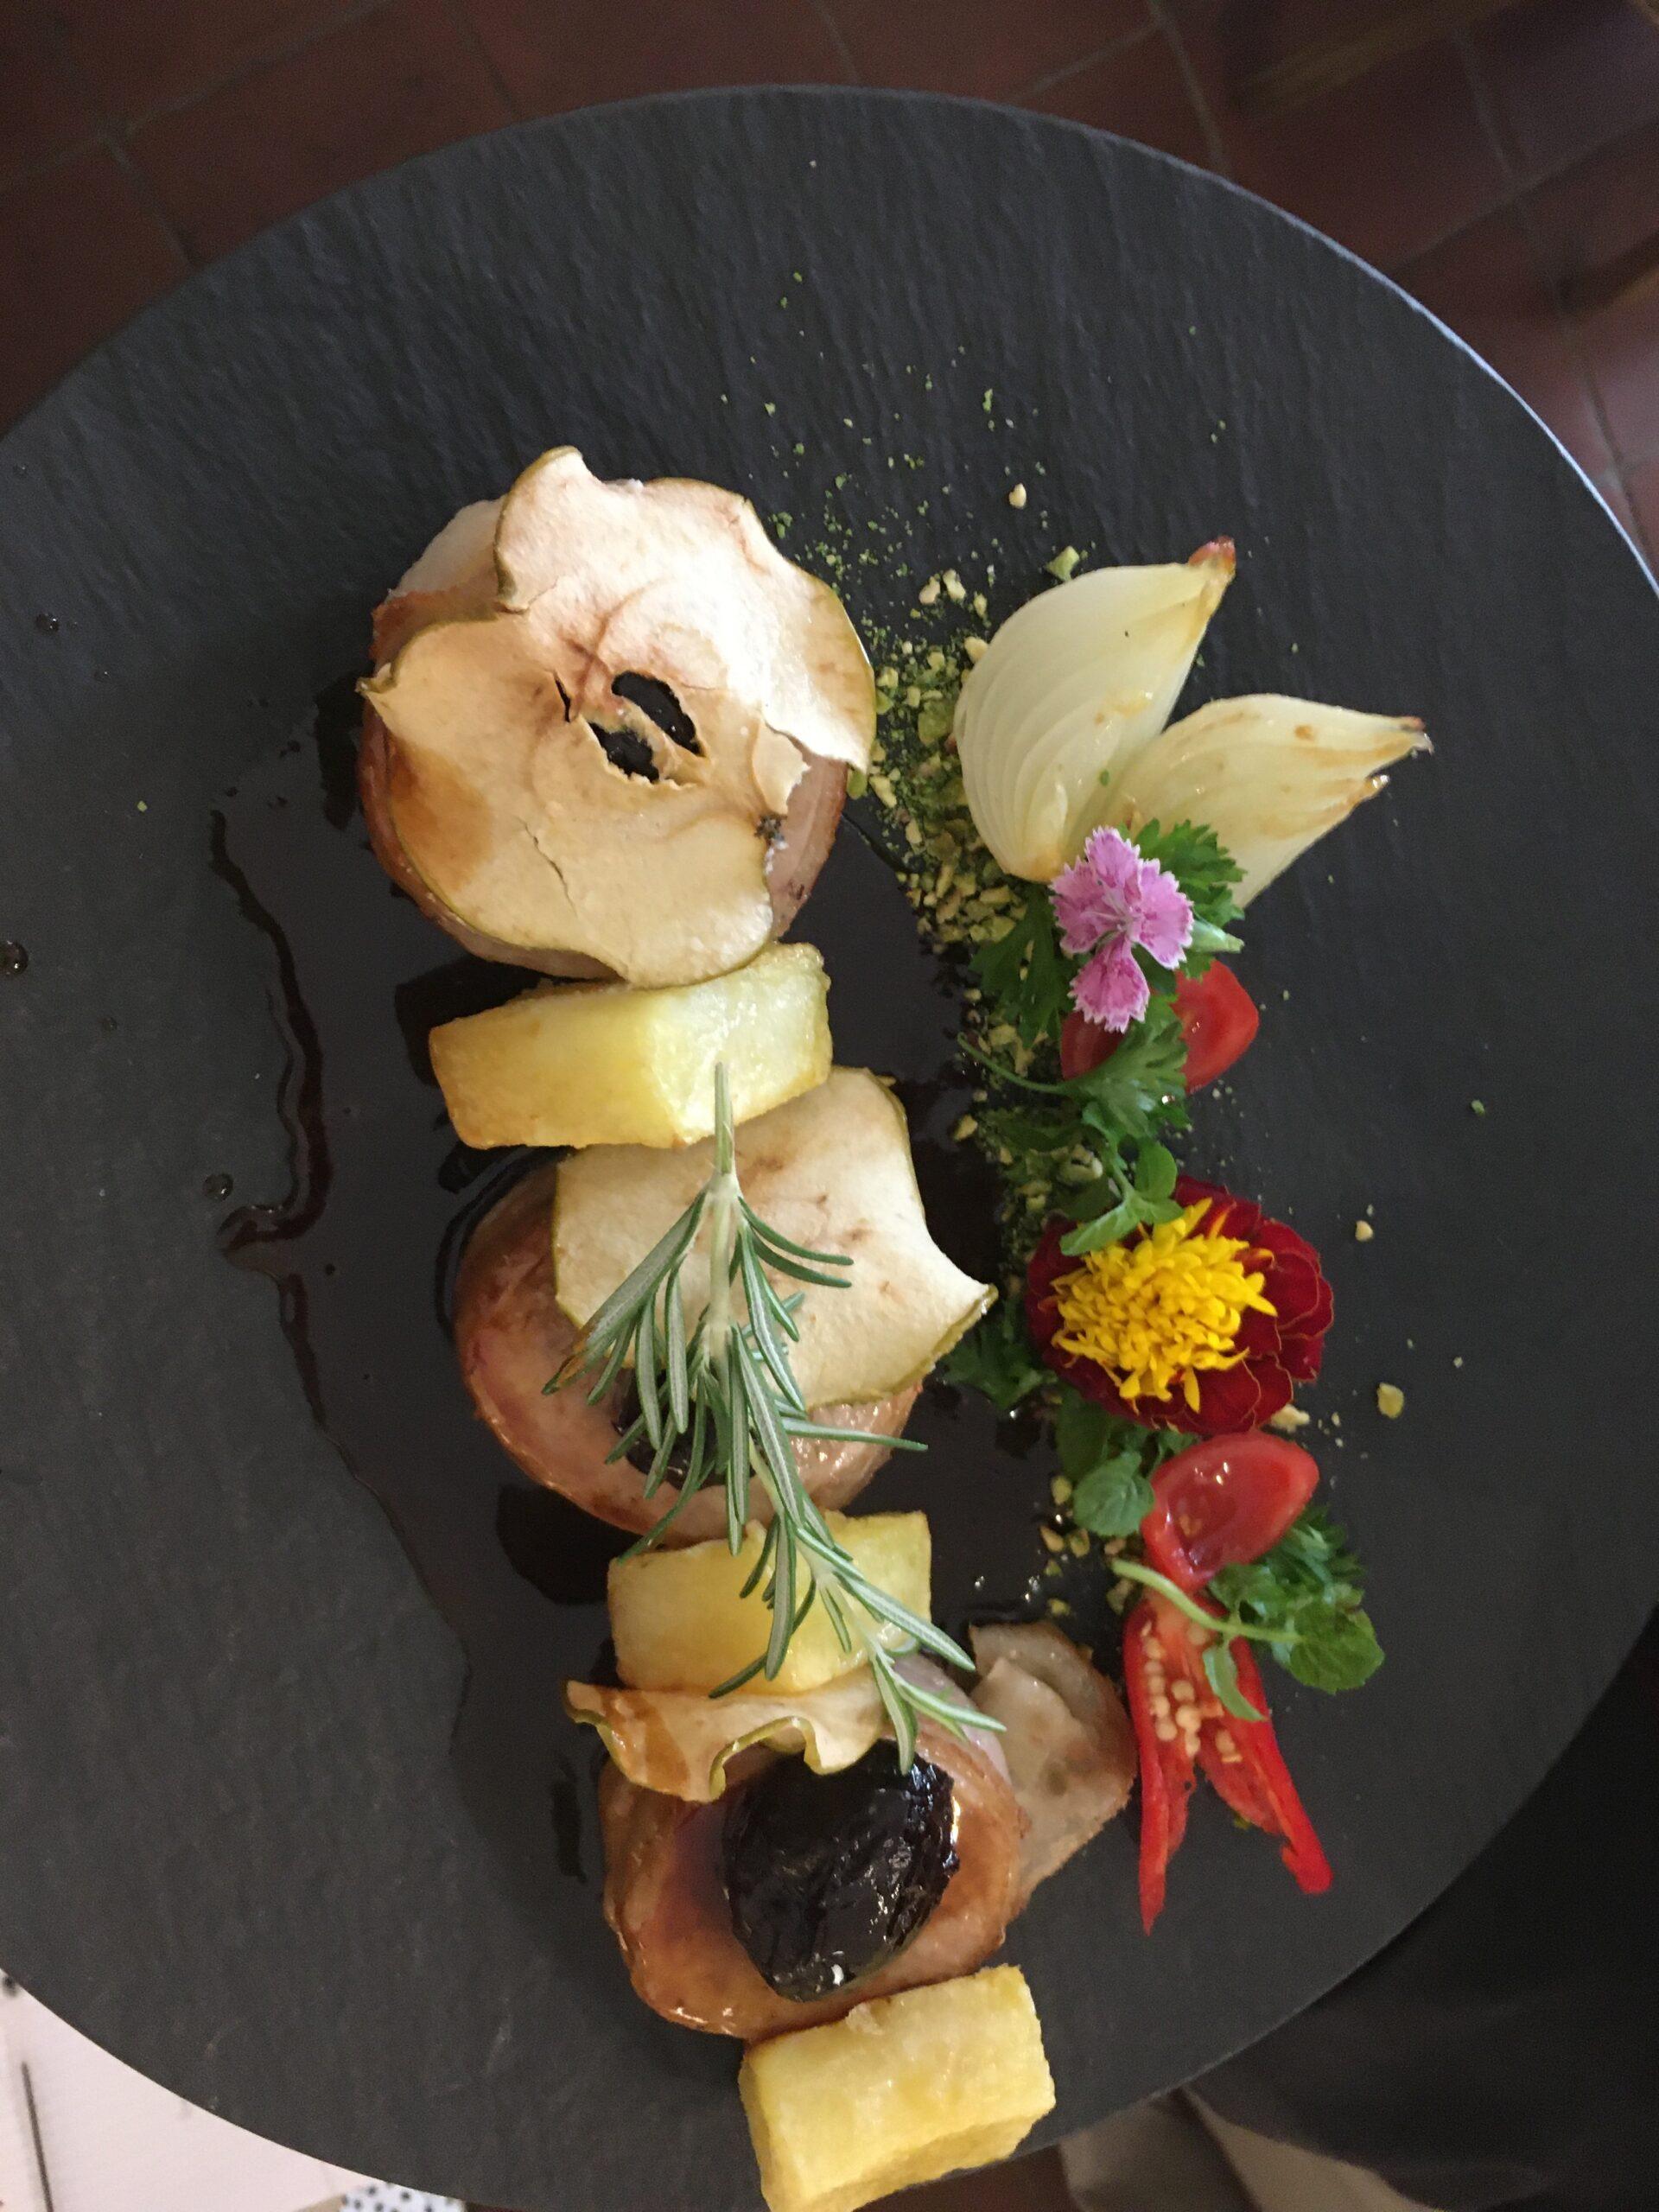 Meat skewer with seasons vegetables